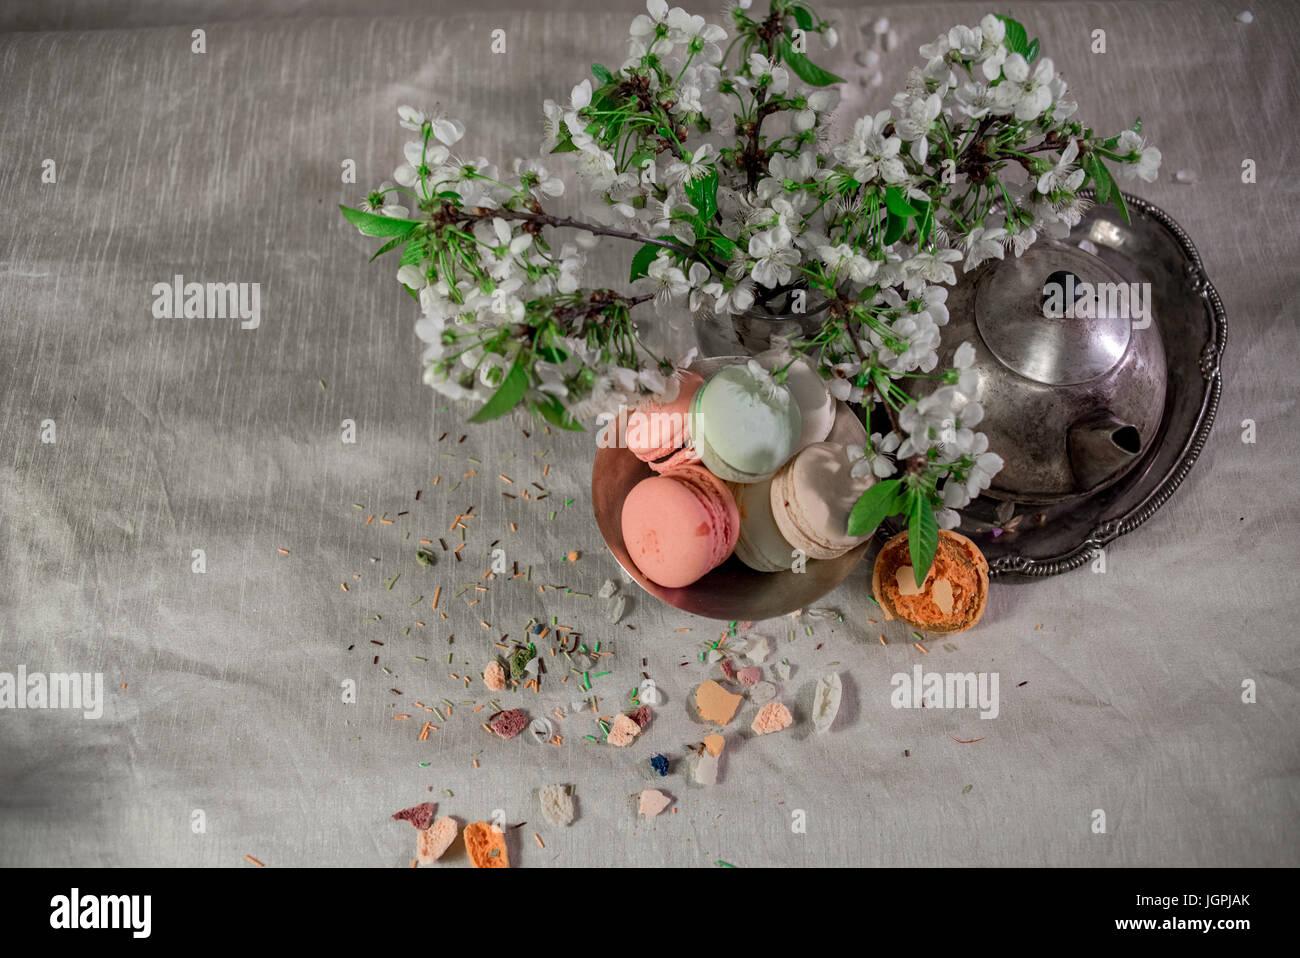 Multicolor Makronen auf einem Tisch mit östlichen Vase und Kirsche Niederlassung in Blüte Stockbild